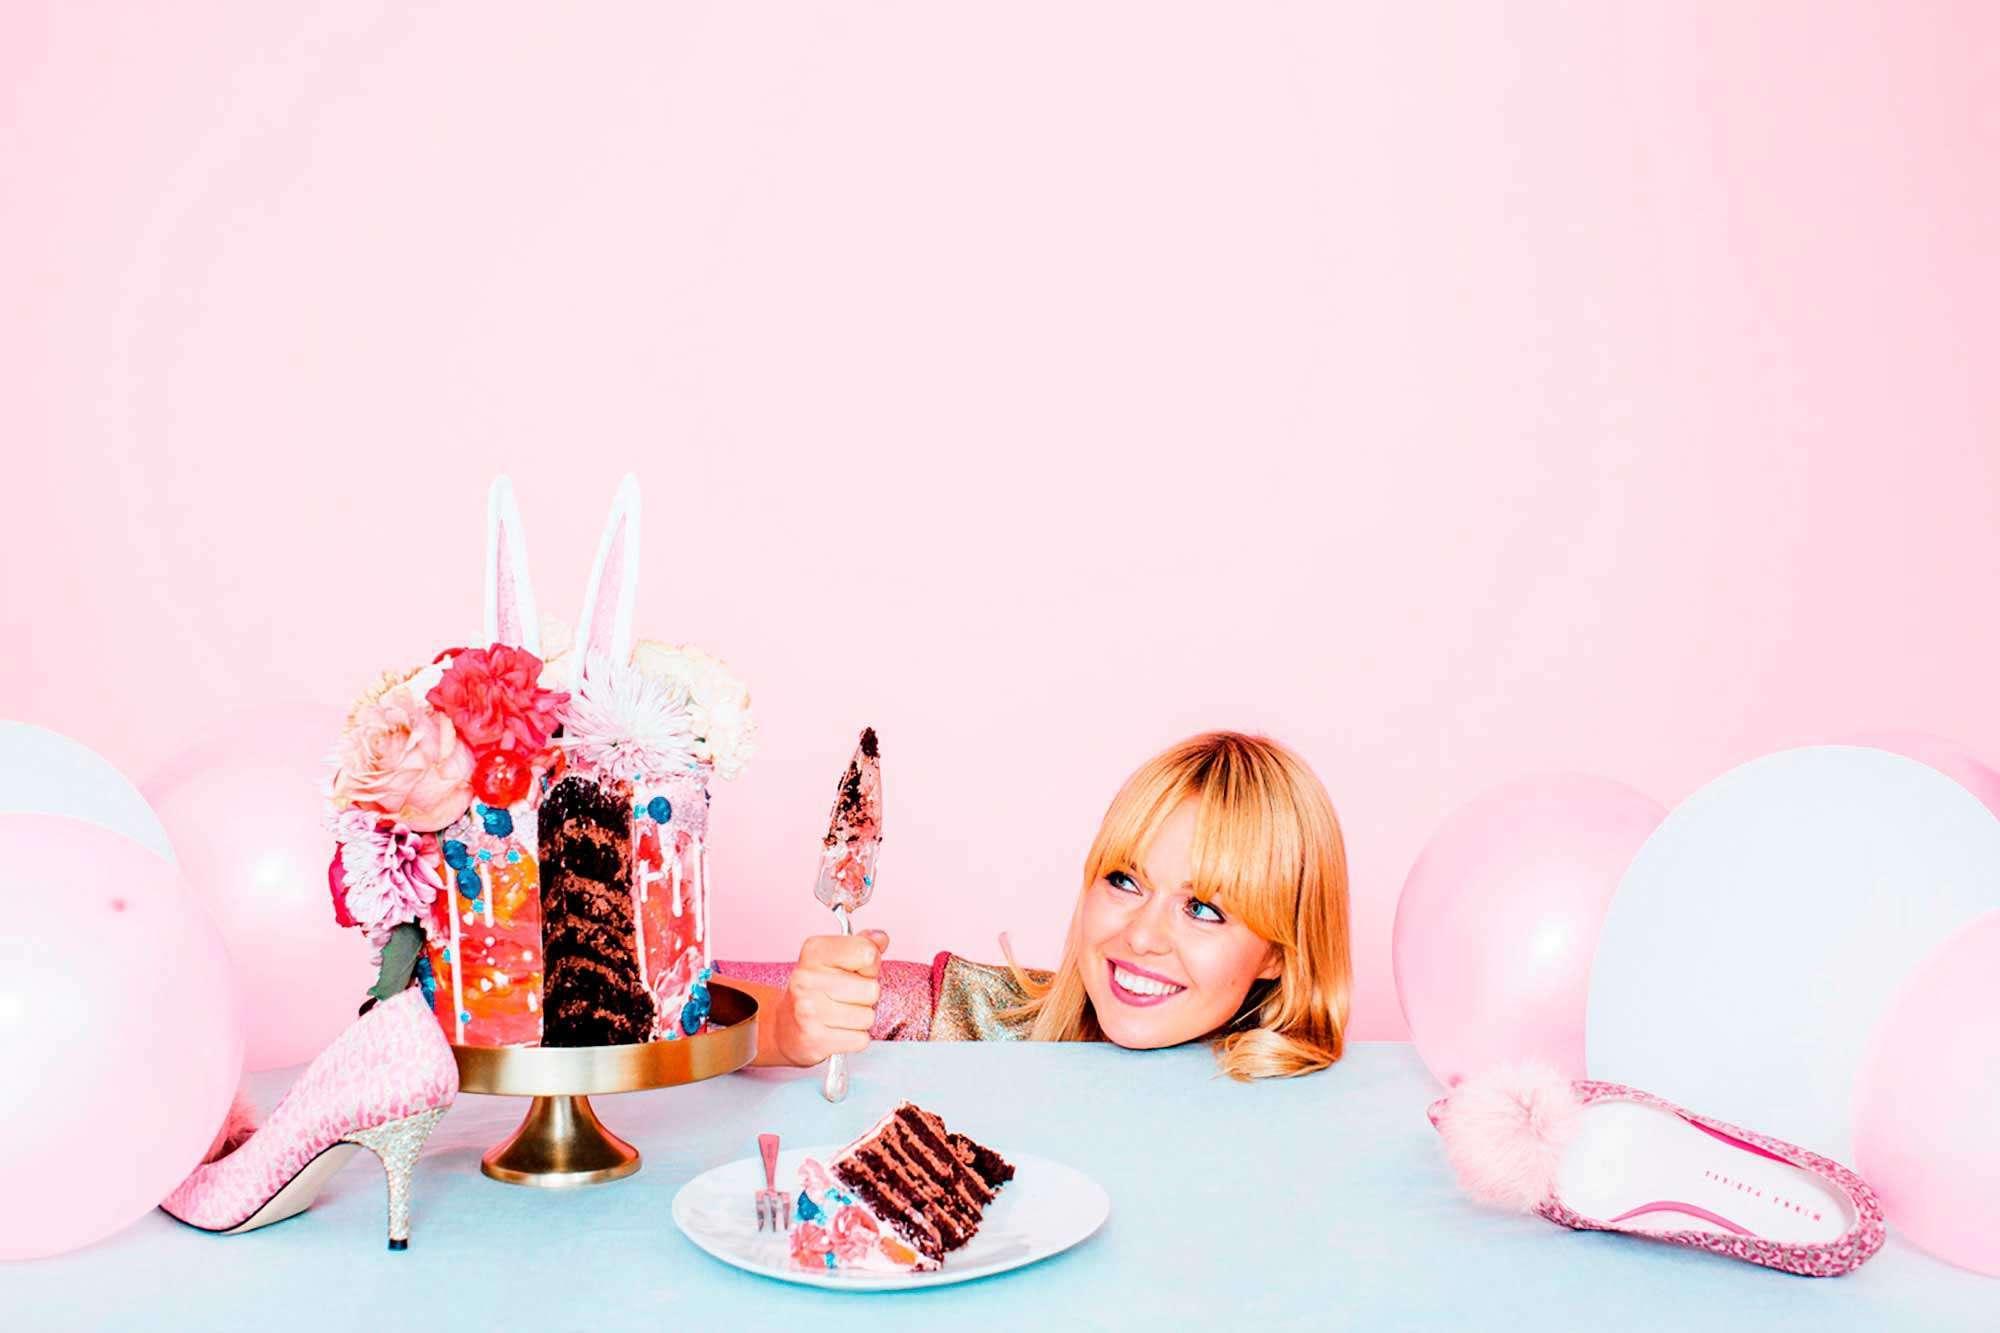 Kuva julkaistu Helsingin juhlaviikkojen julkaisussa 2016. Kuvauksia varten suunniteltu ja valmistettu kakku. Kuvan ottanut Maria Moulud.